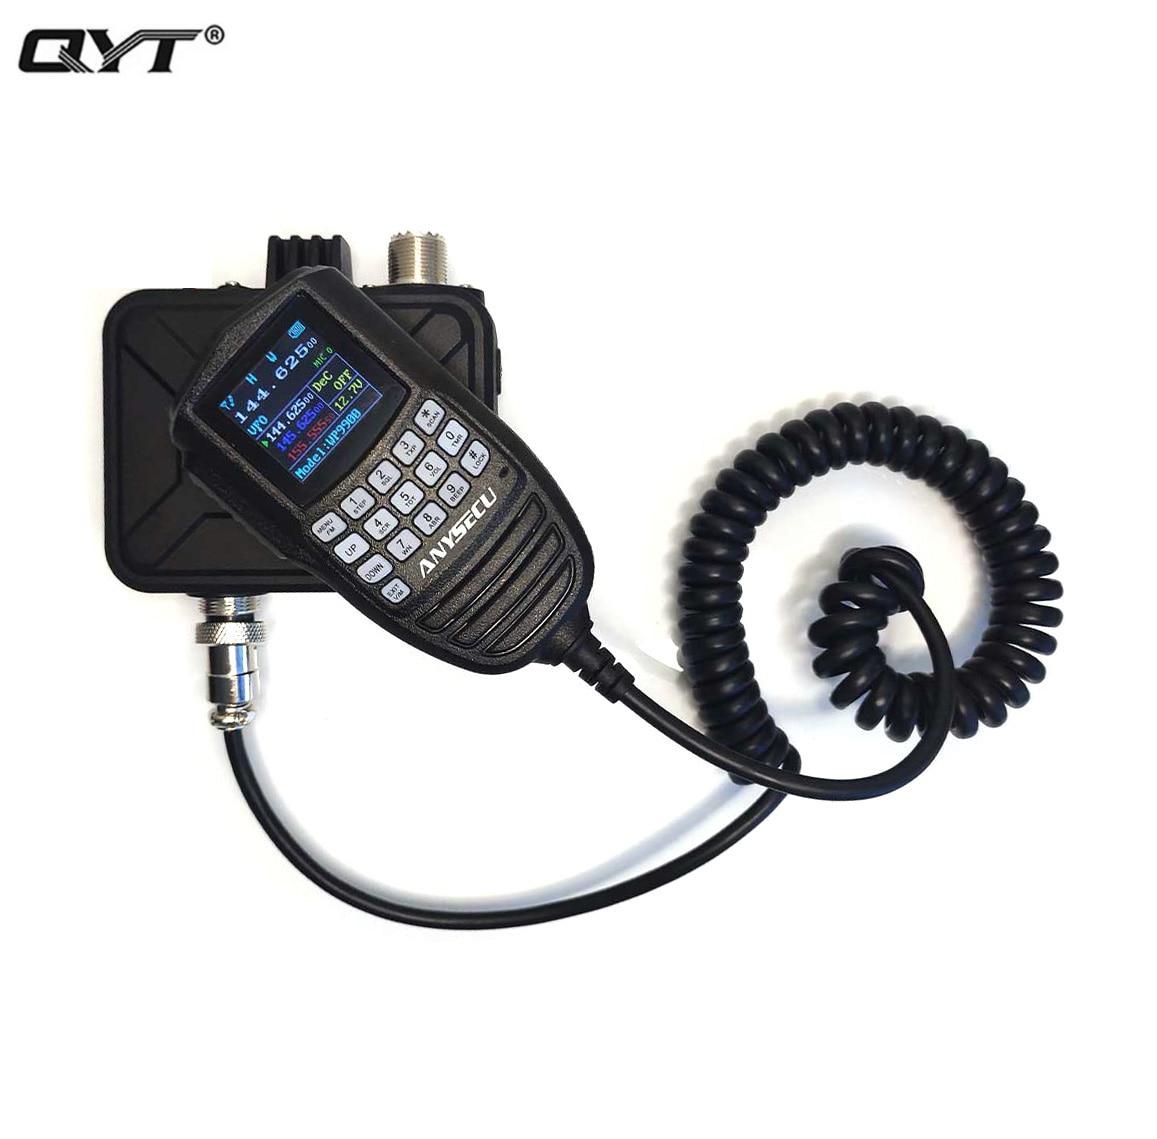 2021 جهاز مرسل ومستقبل صغير 25 واط 200 قنوات WP-9900 ثنائي النطاق رحلة عرض UHF/VHF راديو السيارة المحمول